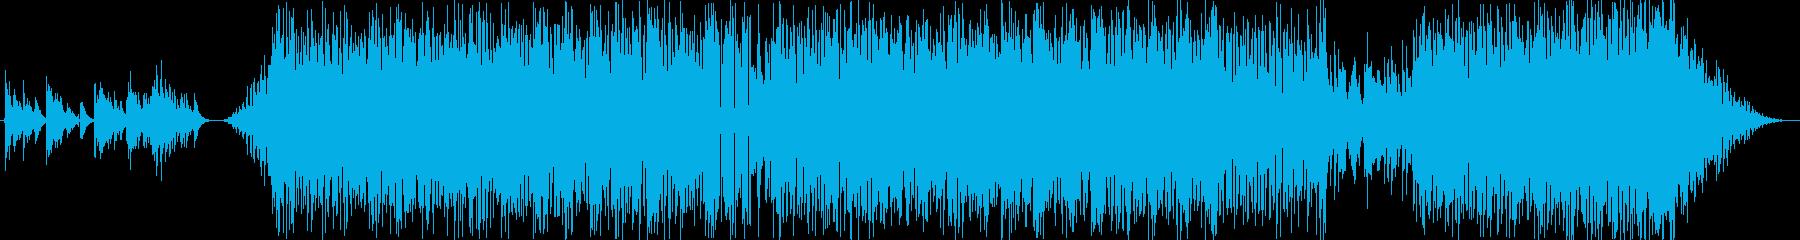 ミディアムテンポの強い意志を感じるボッサの再生済みの波形